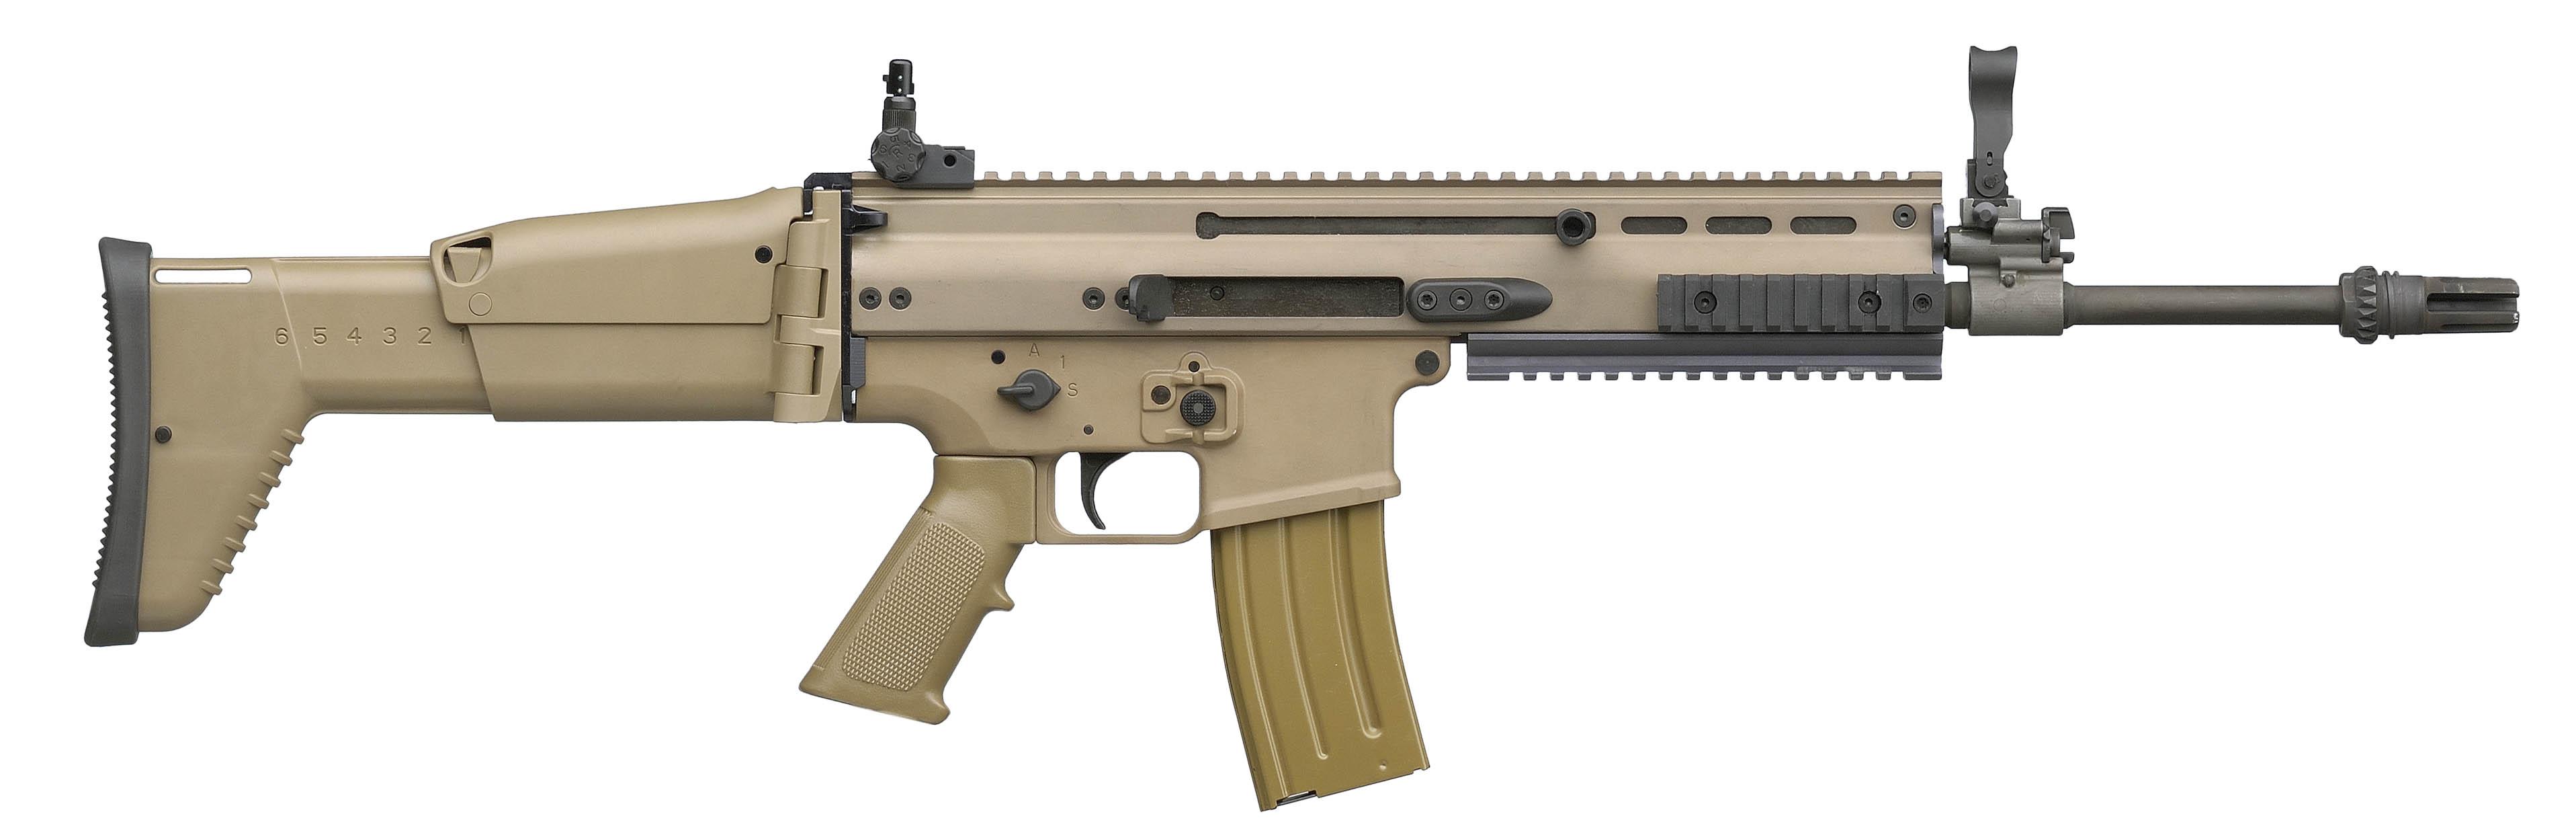 KNEX FN SCAR